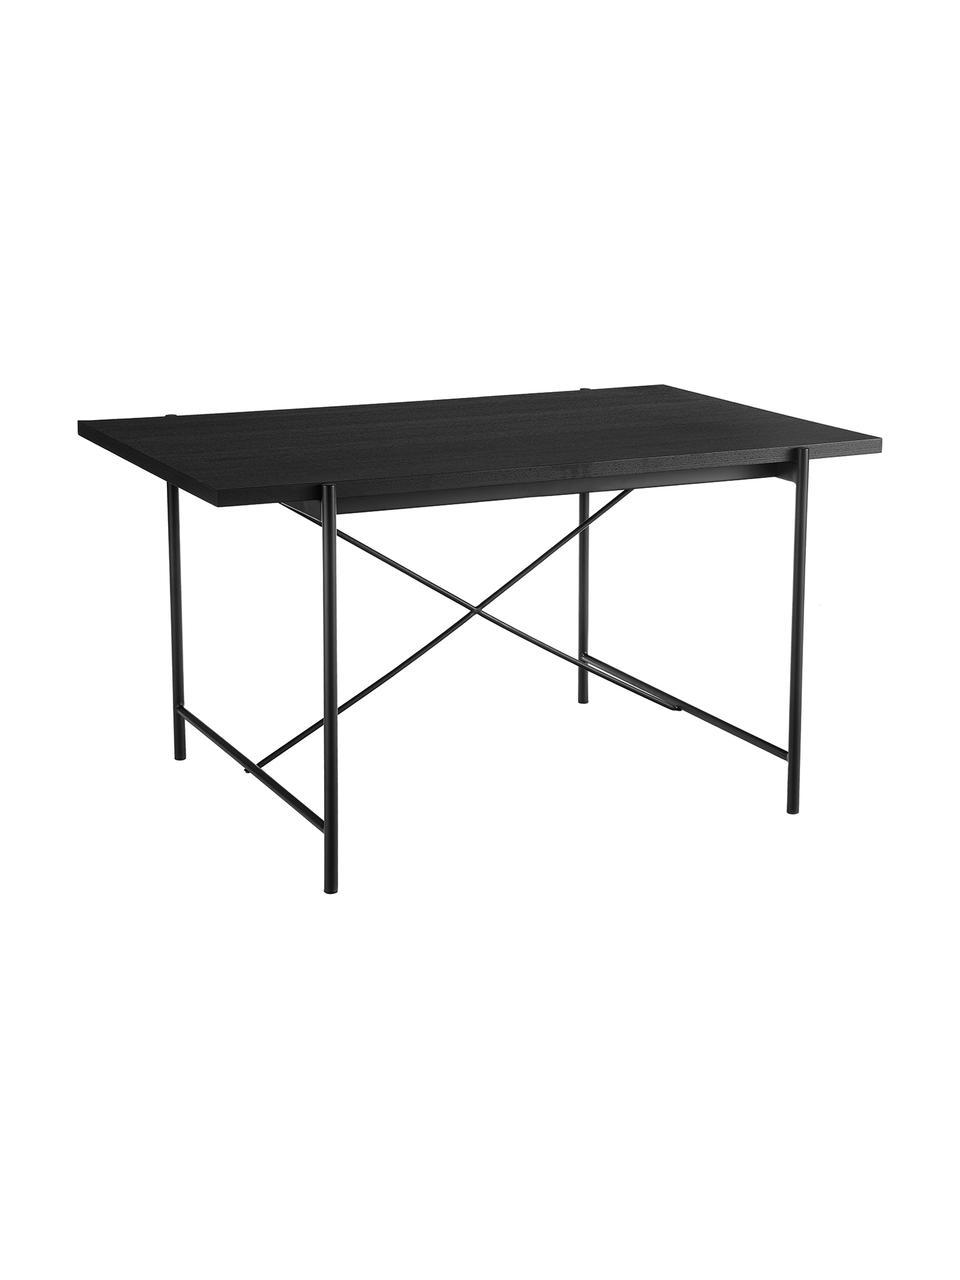 Esstisch Mica mit Holzplatte in Schwarz, Tischplatte: Mitteldichte Holzfaserpla, Gestell: Metall, pulverbeschichtet, Eichenholzfurnier, schwarz lackiert, B 180 x T 90 cm